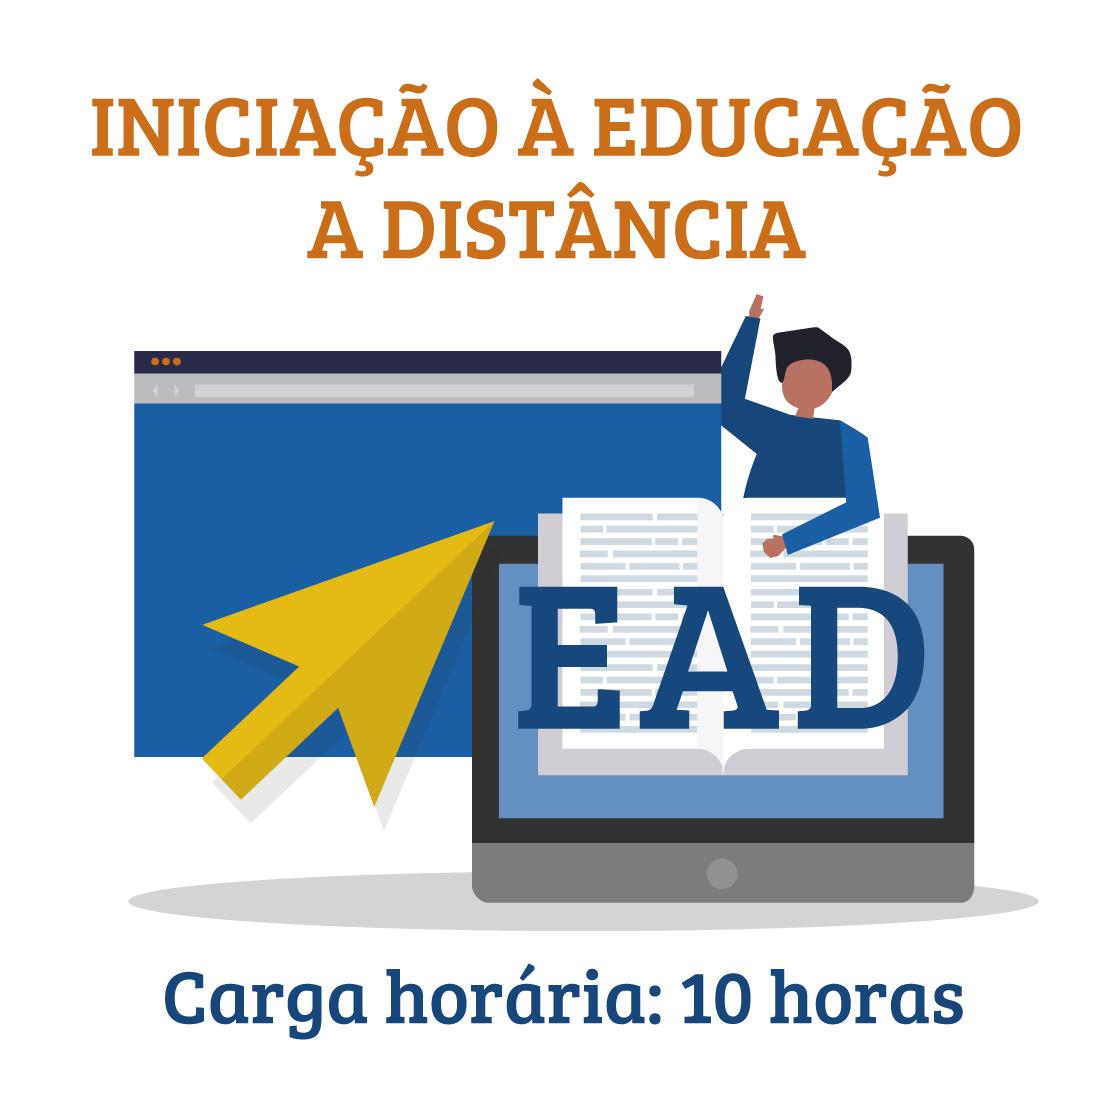 Iniciação à Educação a Distância